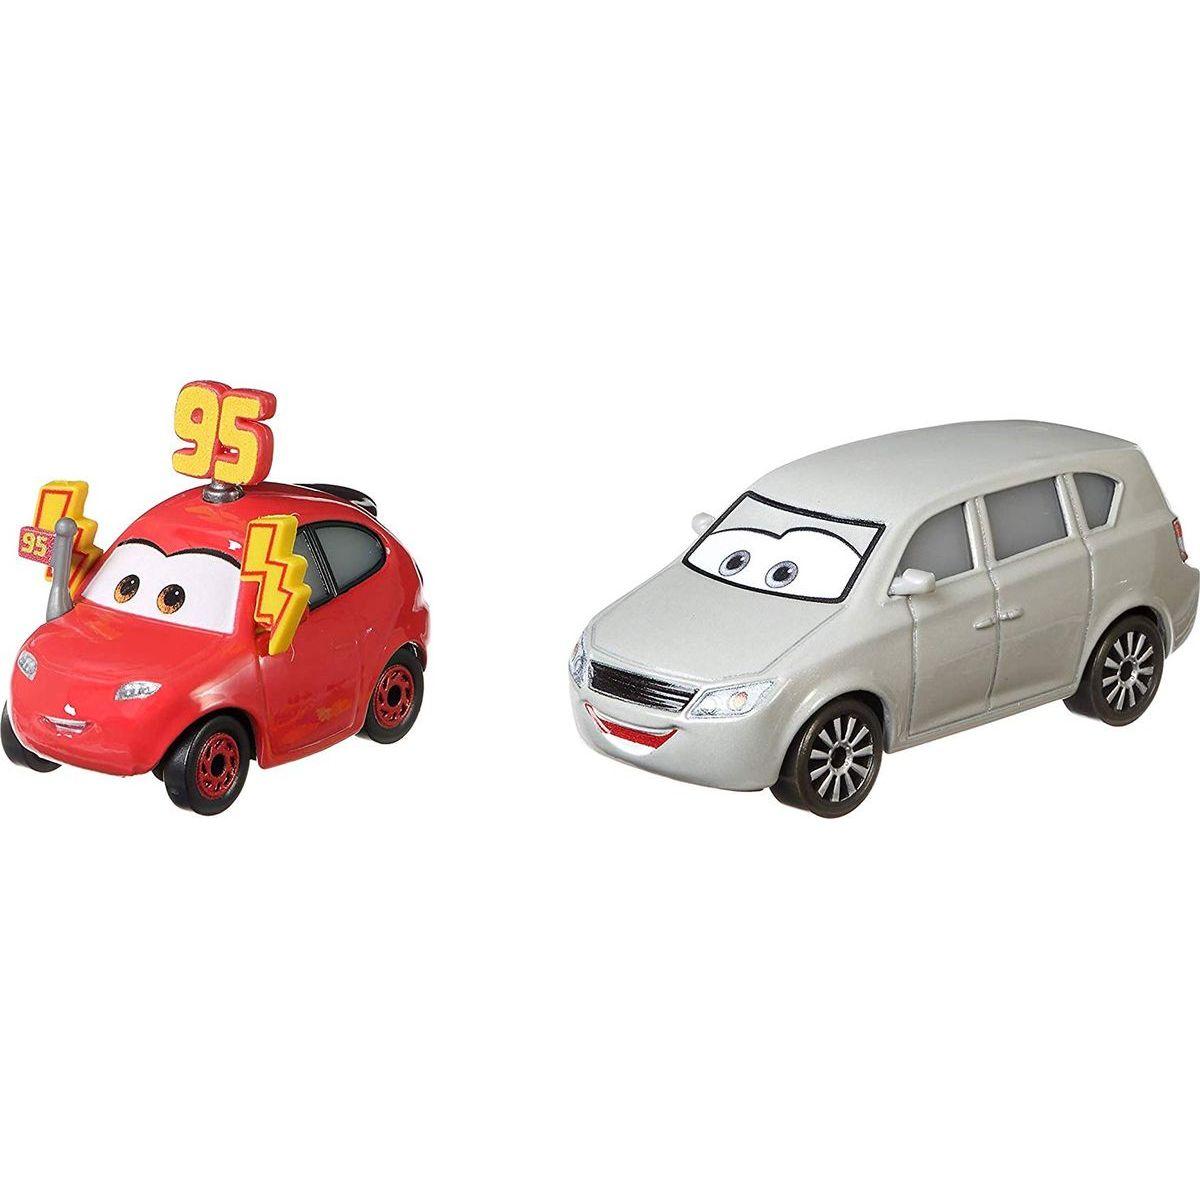 Mattel Cars 3 autá 2 ks Maddy McGear a Melissa Bernabrake